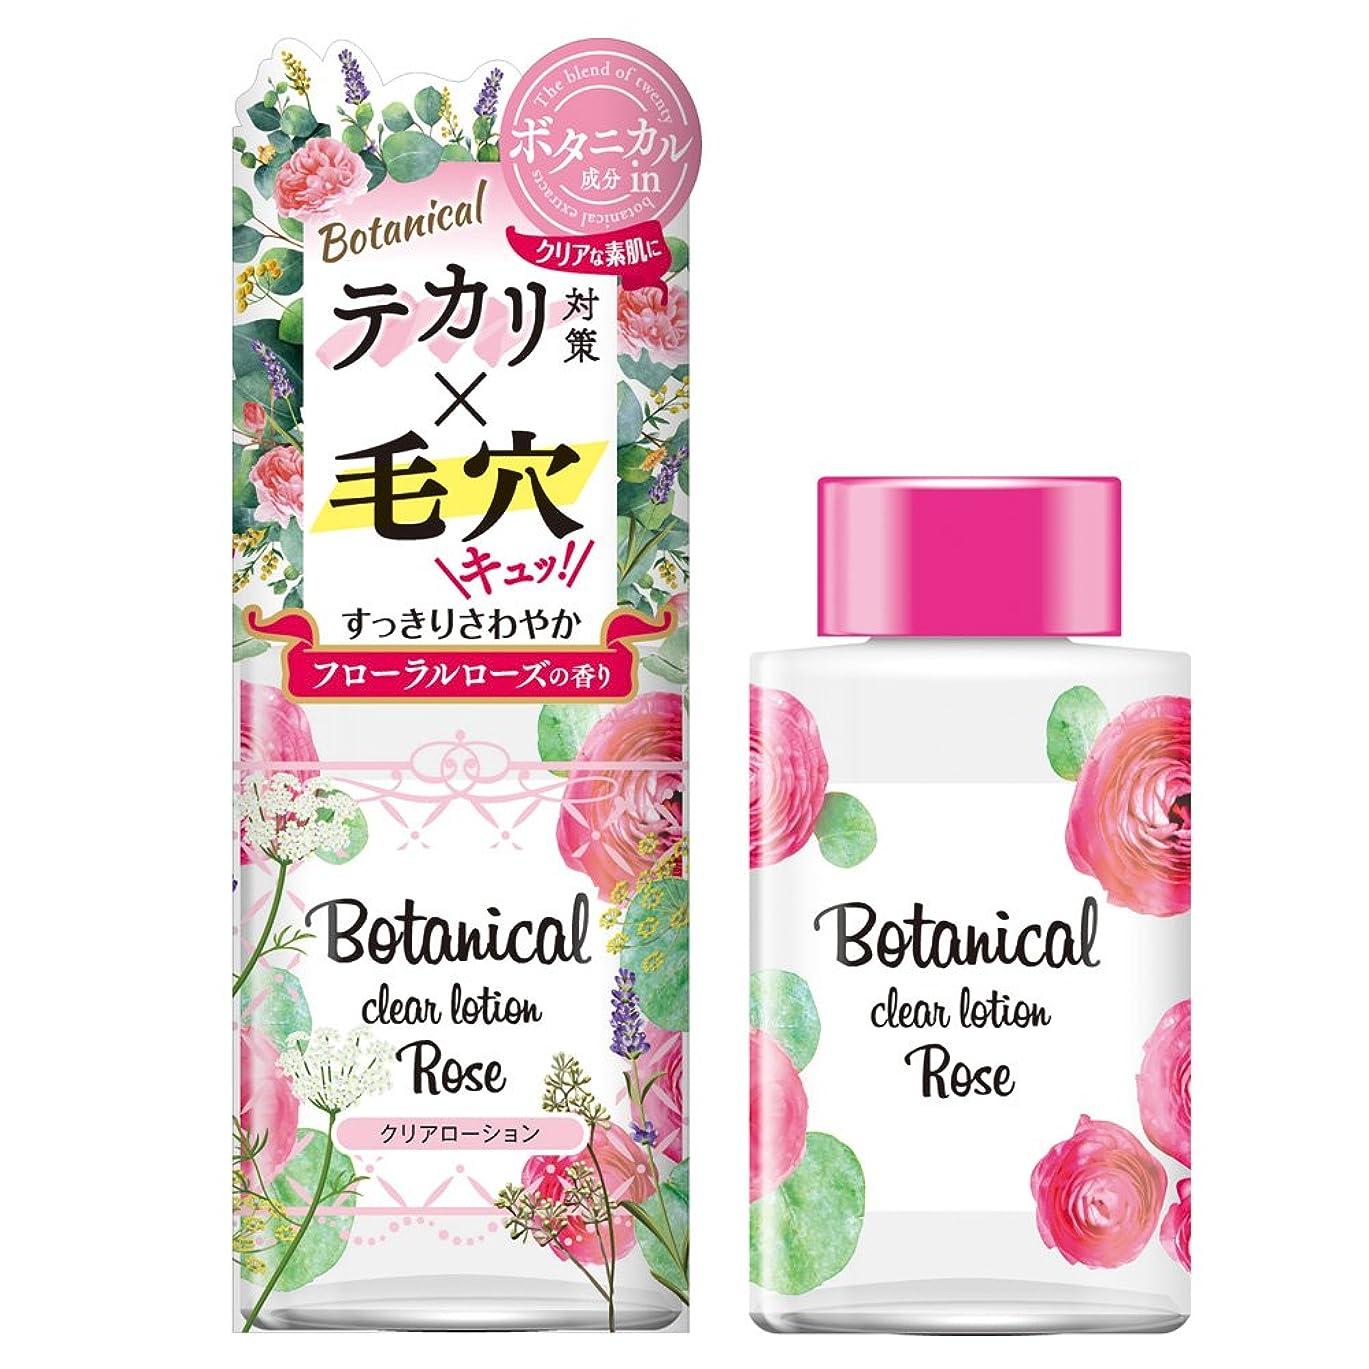 クレデンシャルチートシニスボタニカル クリアローション フローラルローズの香り